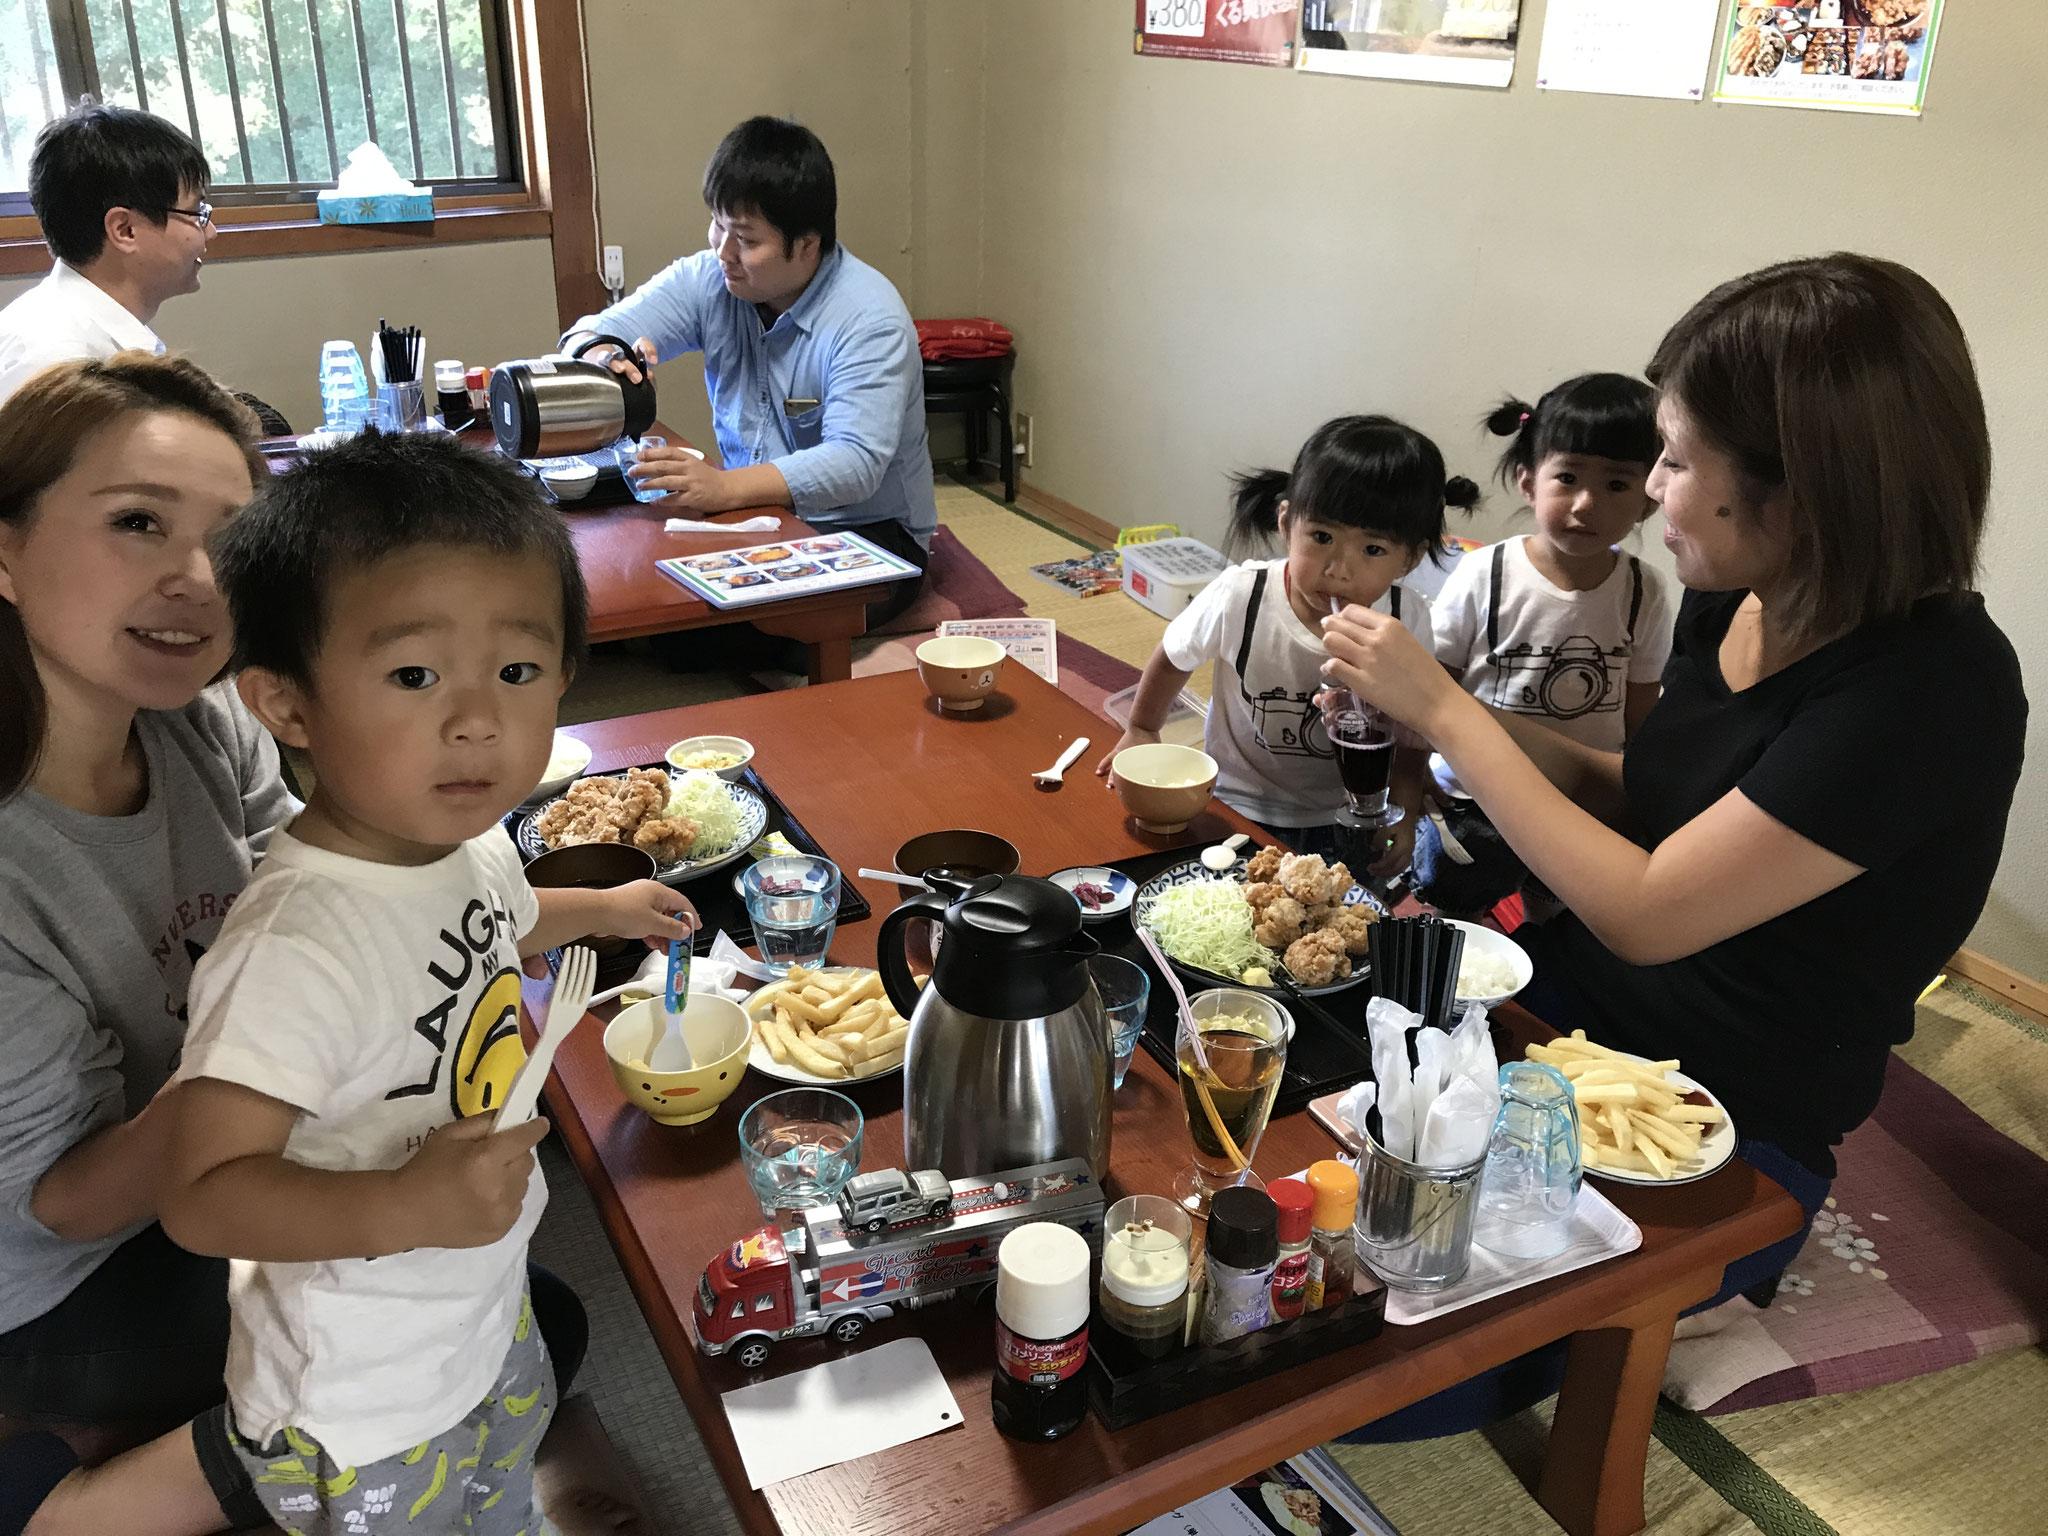 小さいお子様連れでも、気軽にお食事できます。